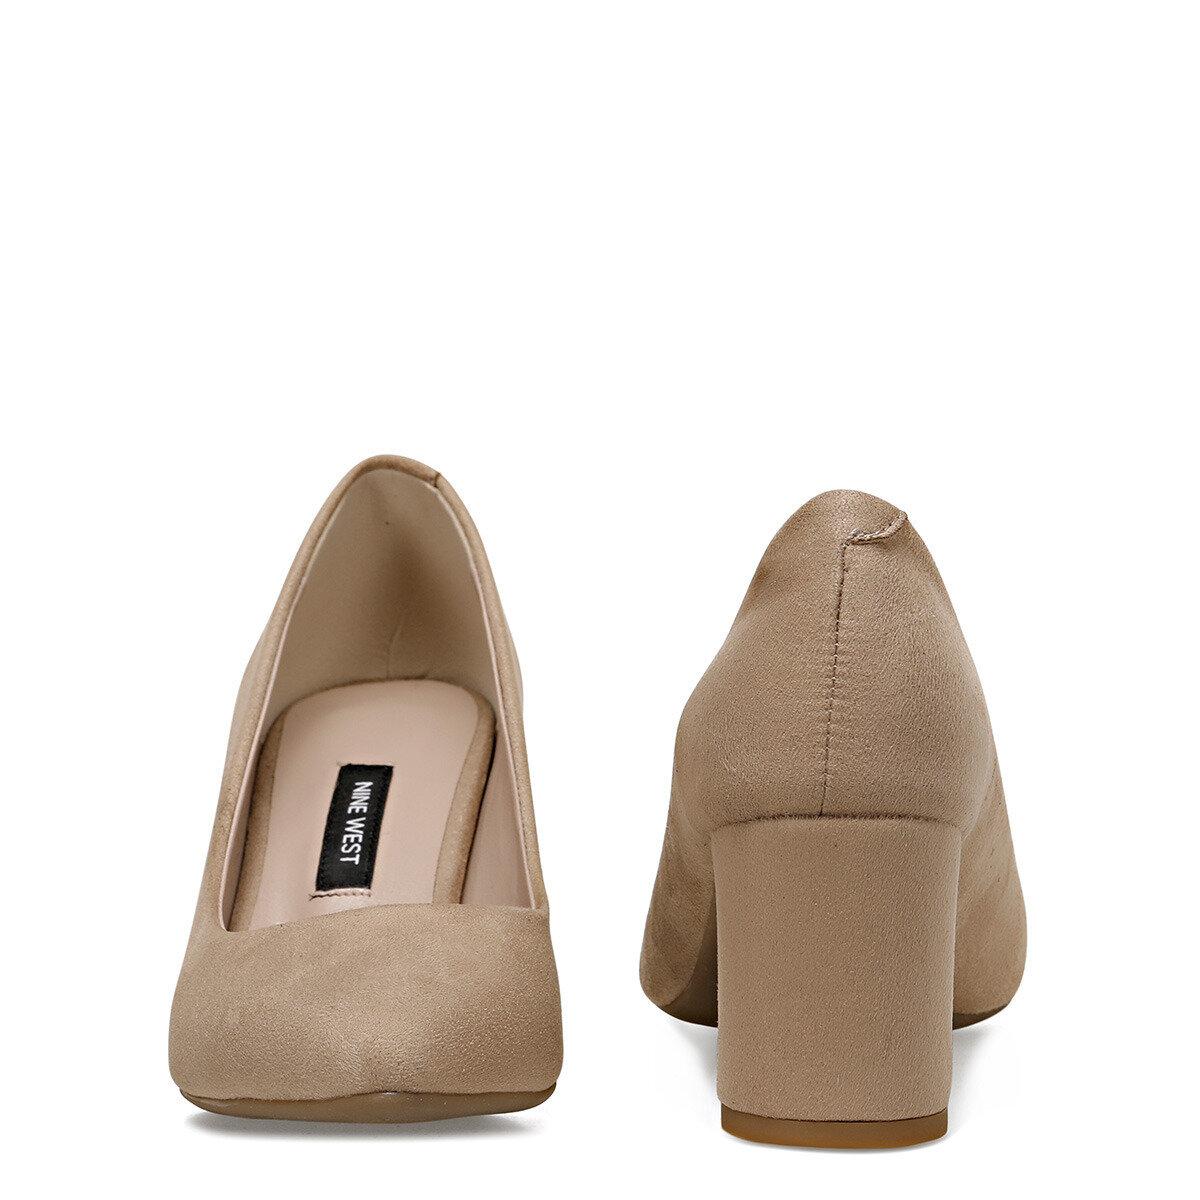 LEZIO2 Vizon Kadın Topuklu Ayakkabı